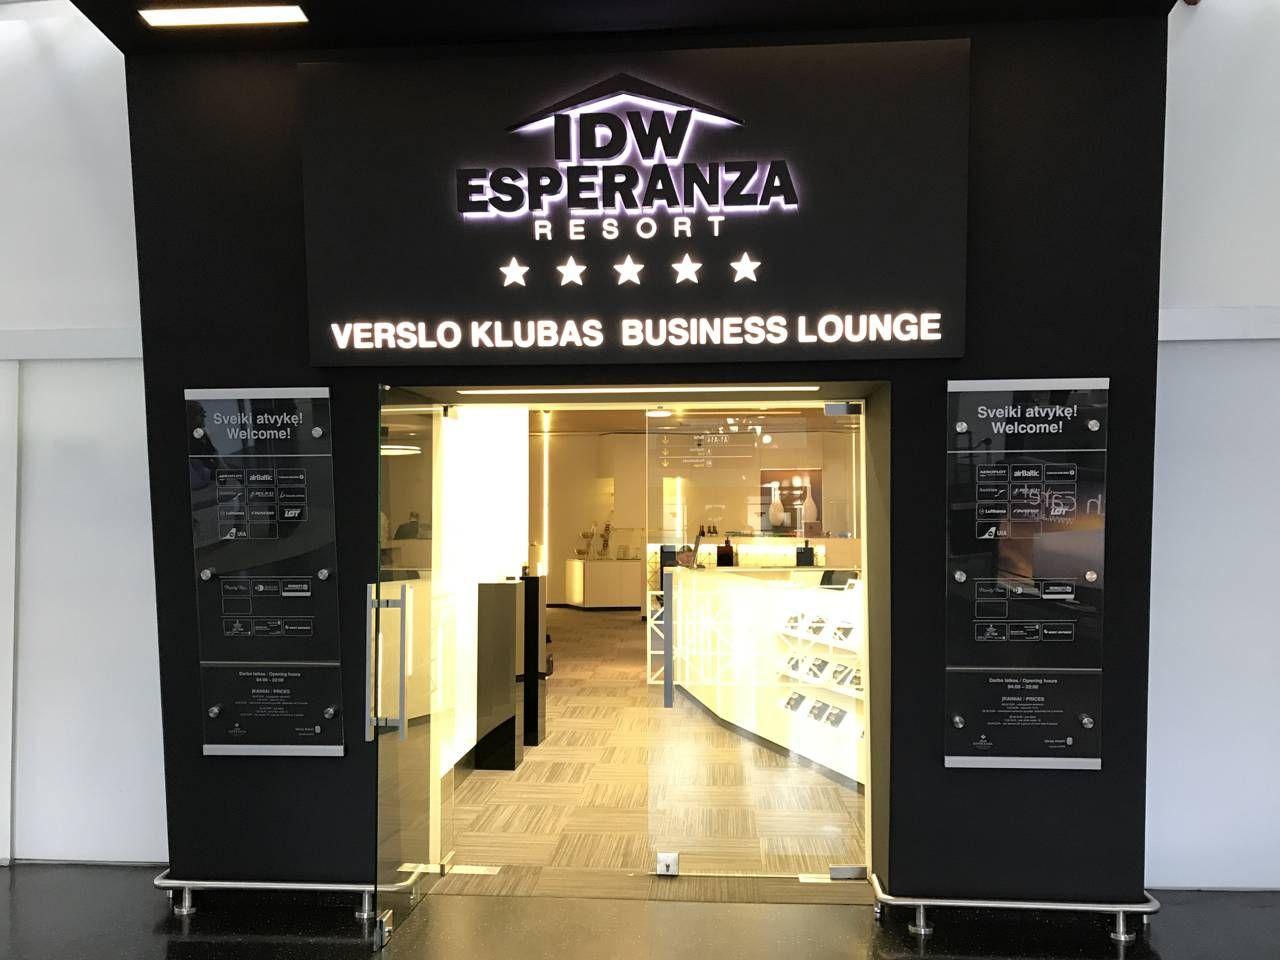 Sala VIP IDW Esperanza Resort Business Lounge – Aeroporto de Vilnius (VNO)